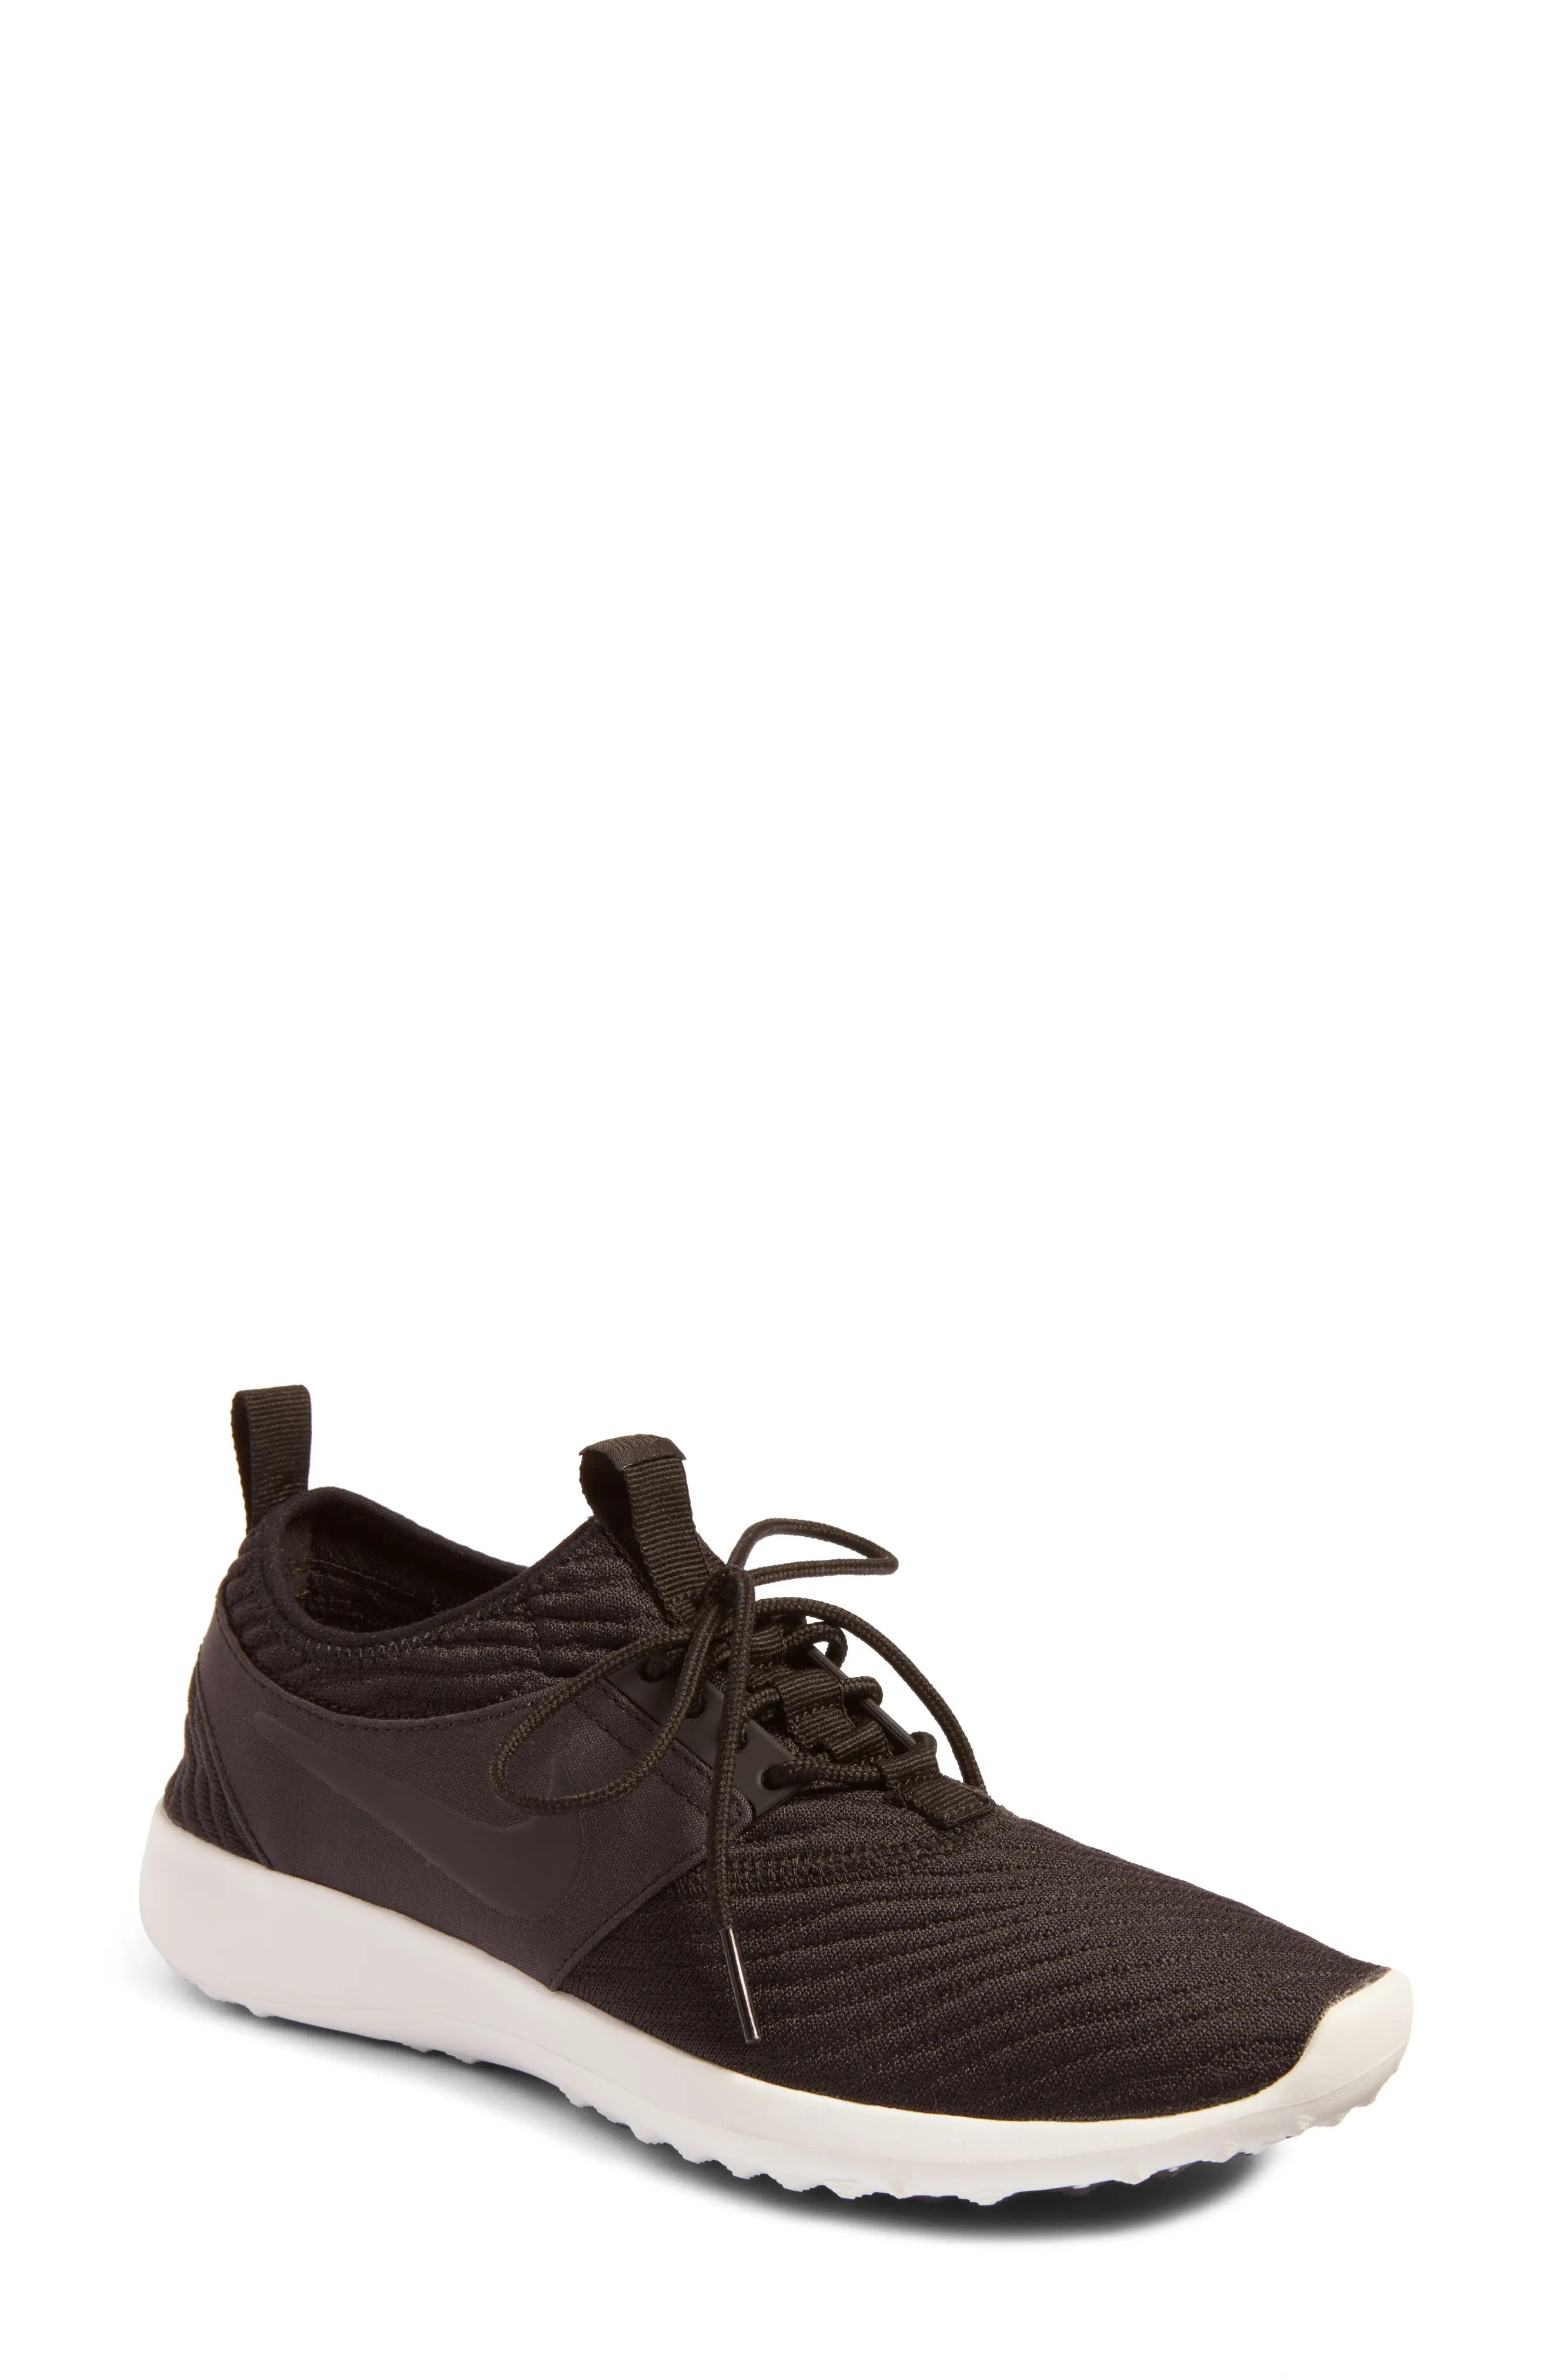 Main Image - Nike Juvenate SE Sneaker